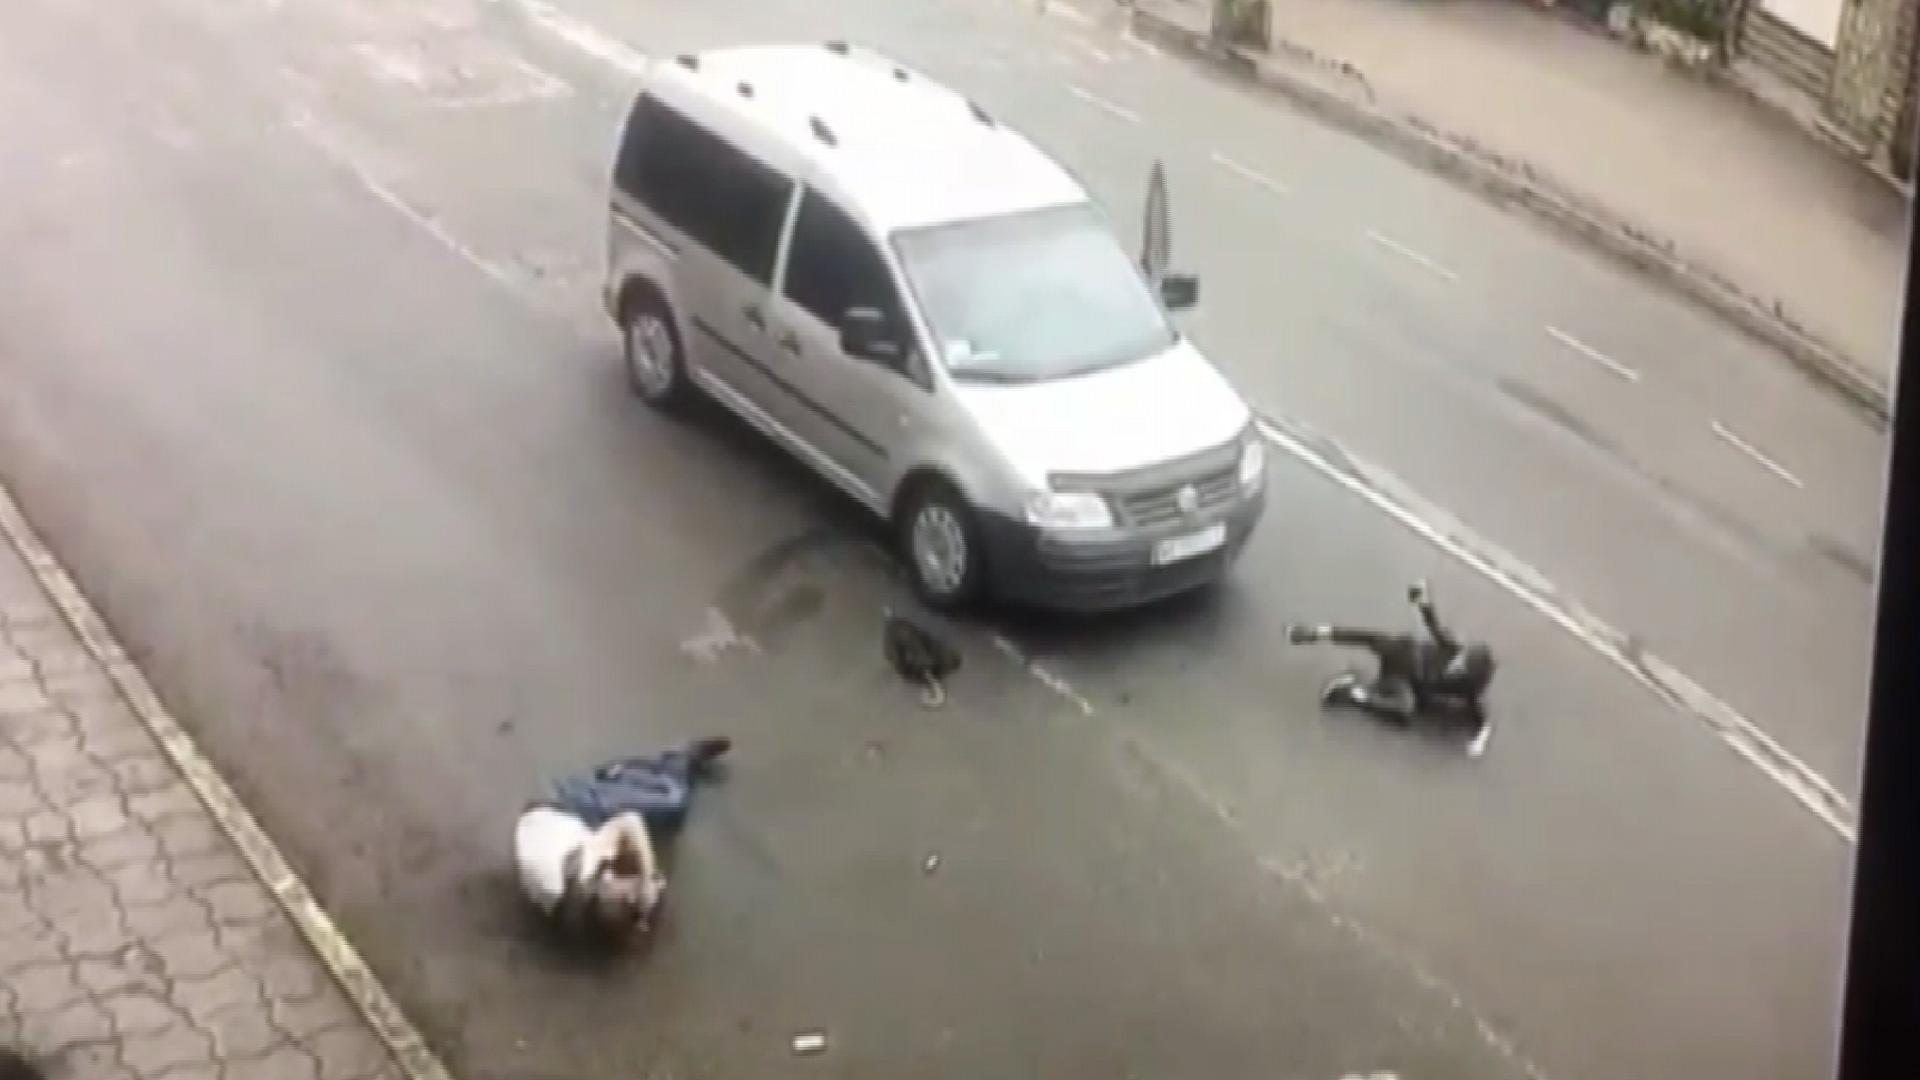 Не намагався гальмувати: у Коломиї Фольксваген на переході збив чоловіка і дитину (ВІДЕО)